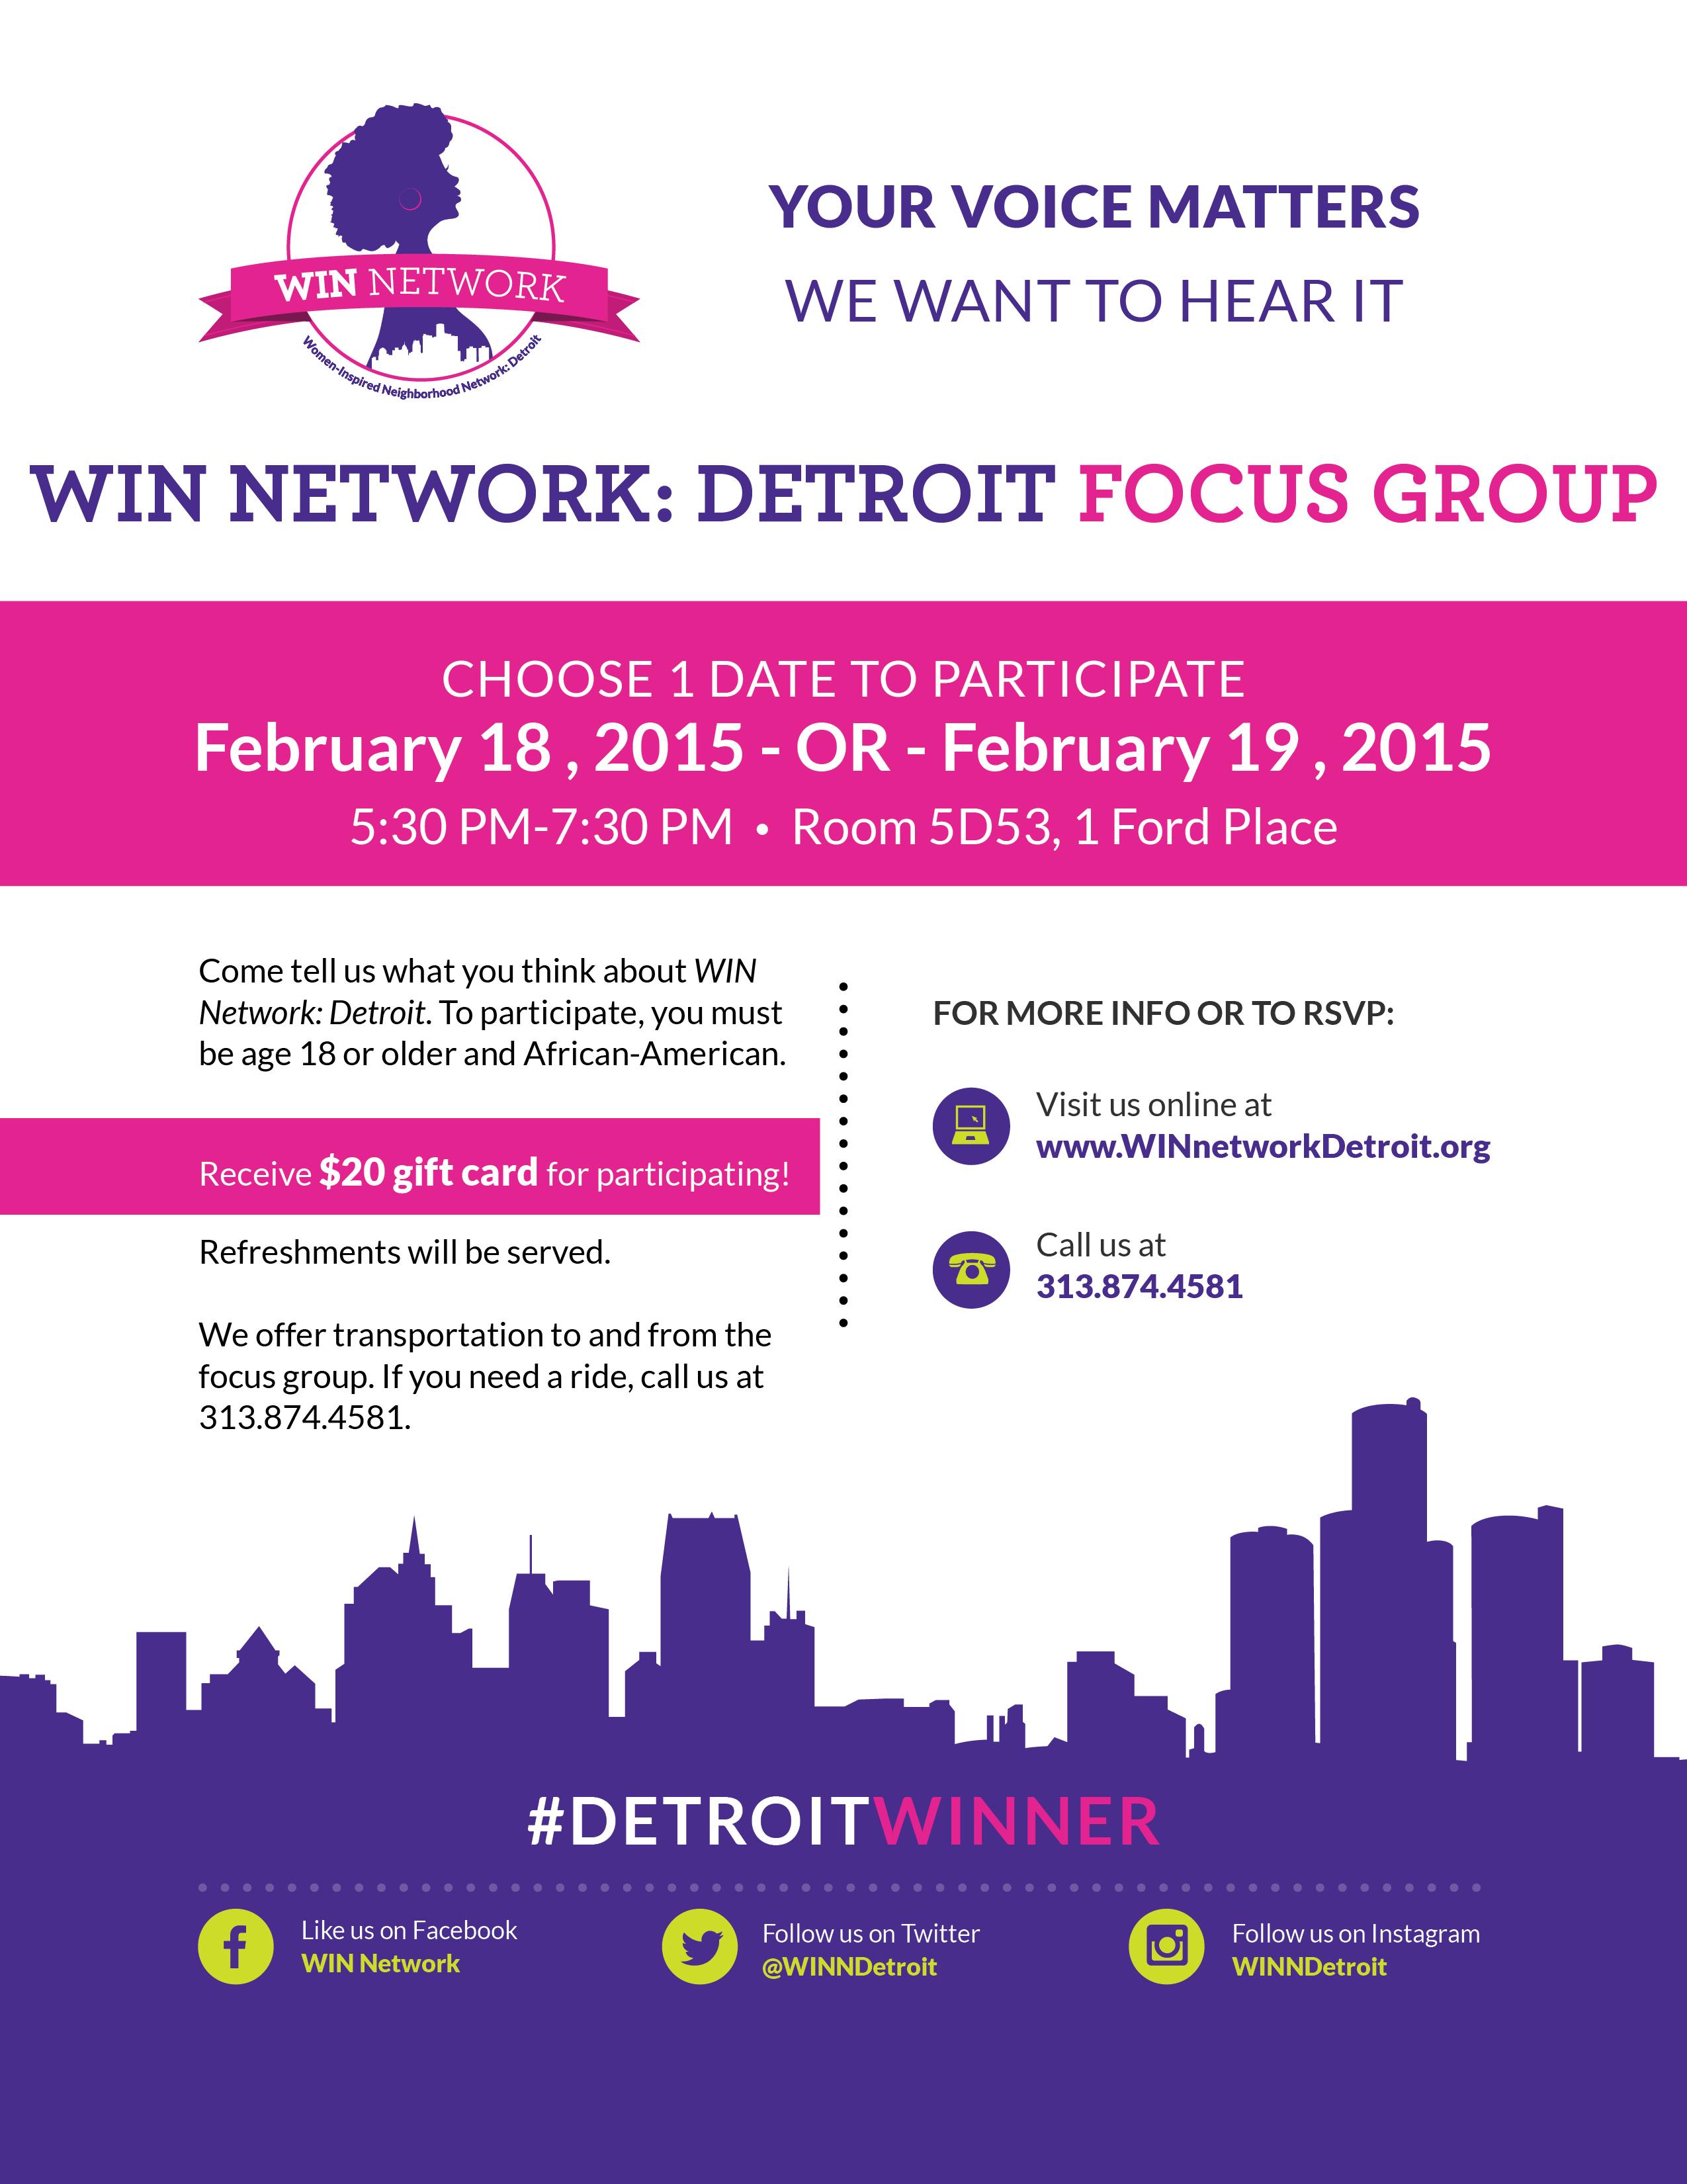 flyer template focus groups 2015 feb 9. Black Bedroom Furniture Sets. Home Design Ideas